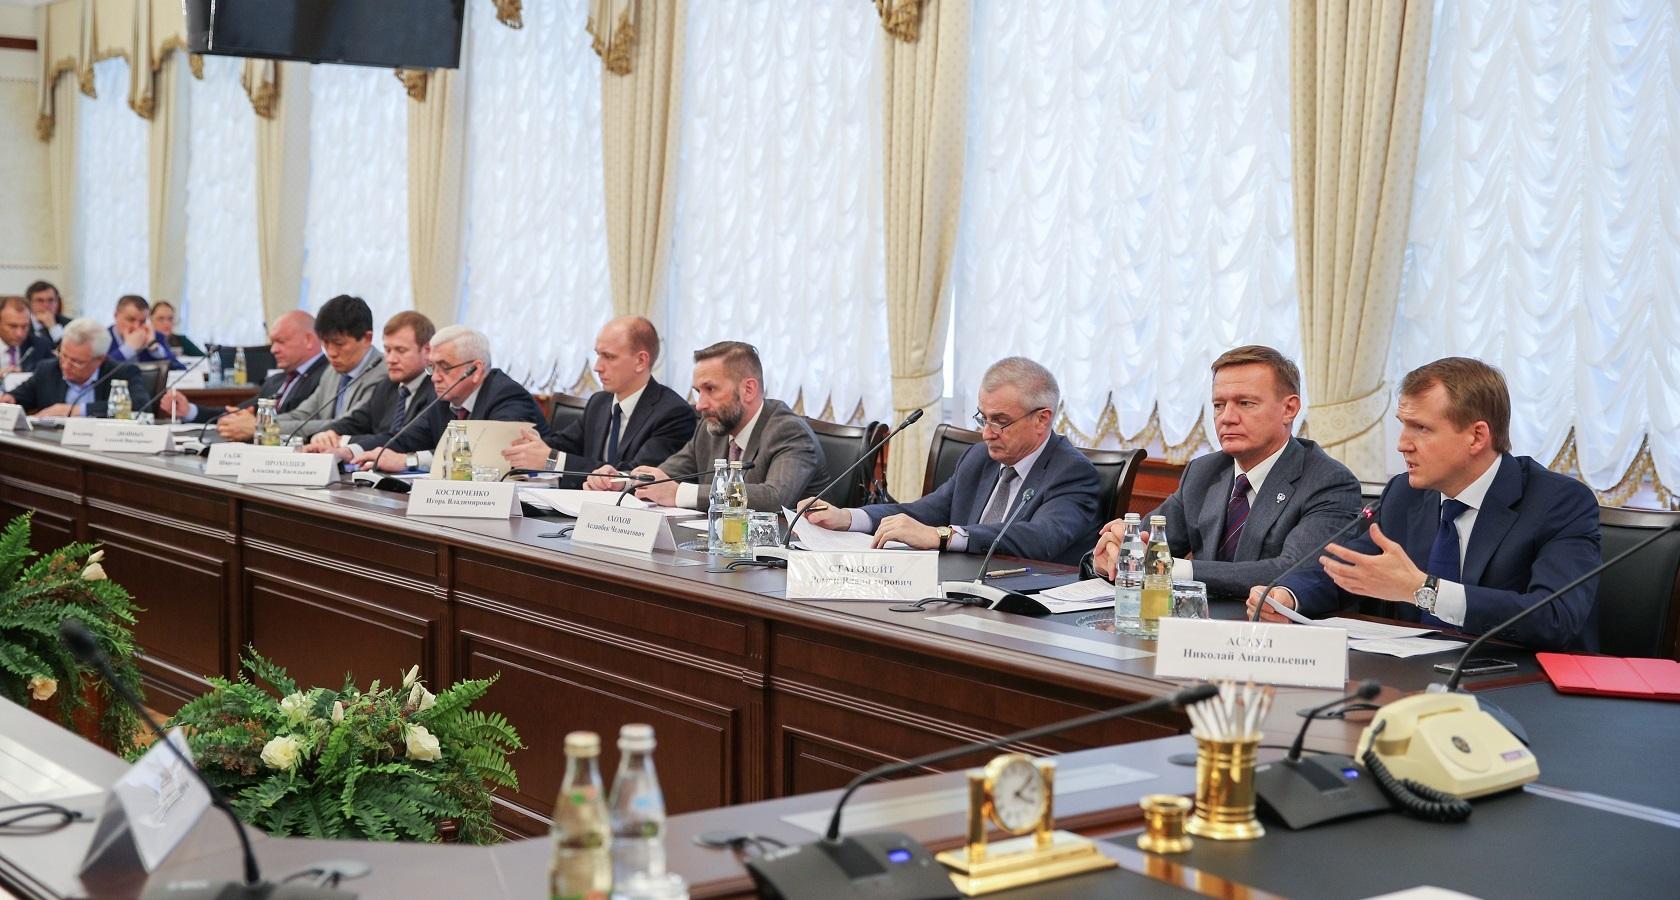 Важным событием 2017 года стало начало работы Межотраслевого экспертного совета (МОЭС) в тесном контакте с Министерством транспорта России (фото: Минтранс)